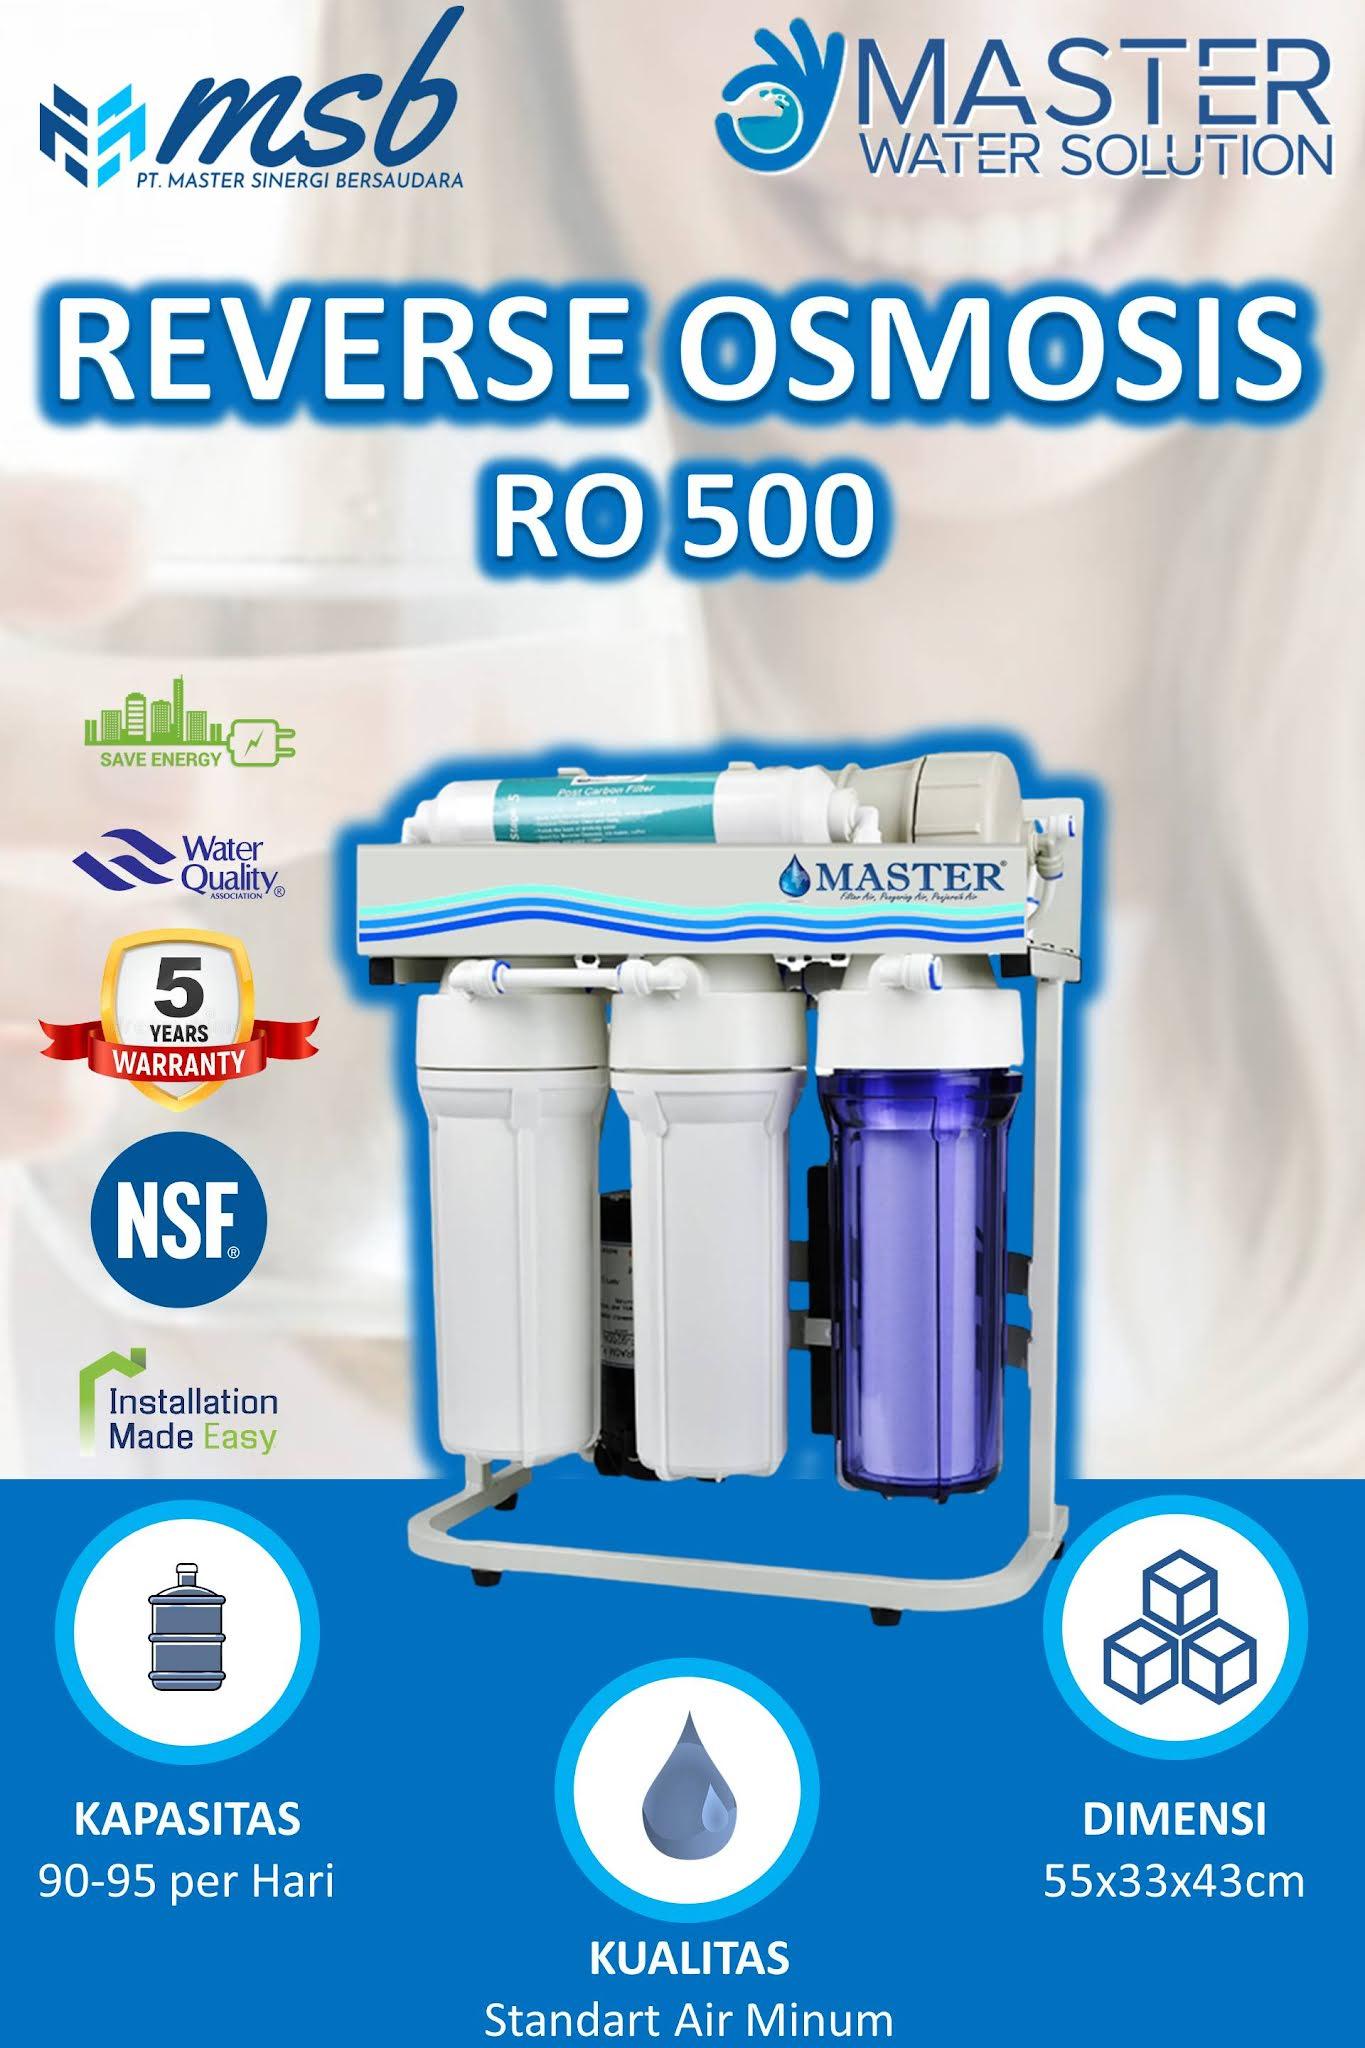 REVERSE OSMOSIS 500³ (RO 500)